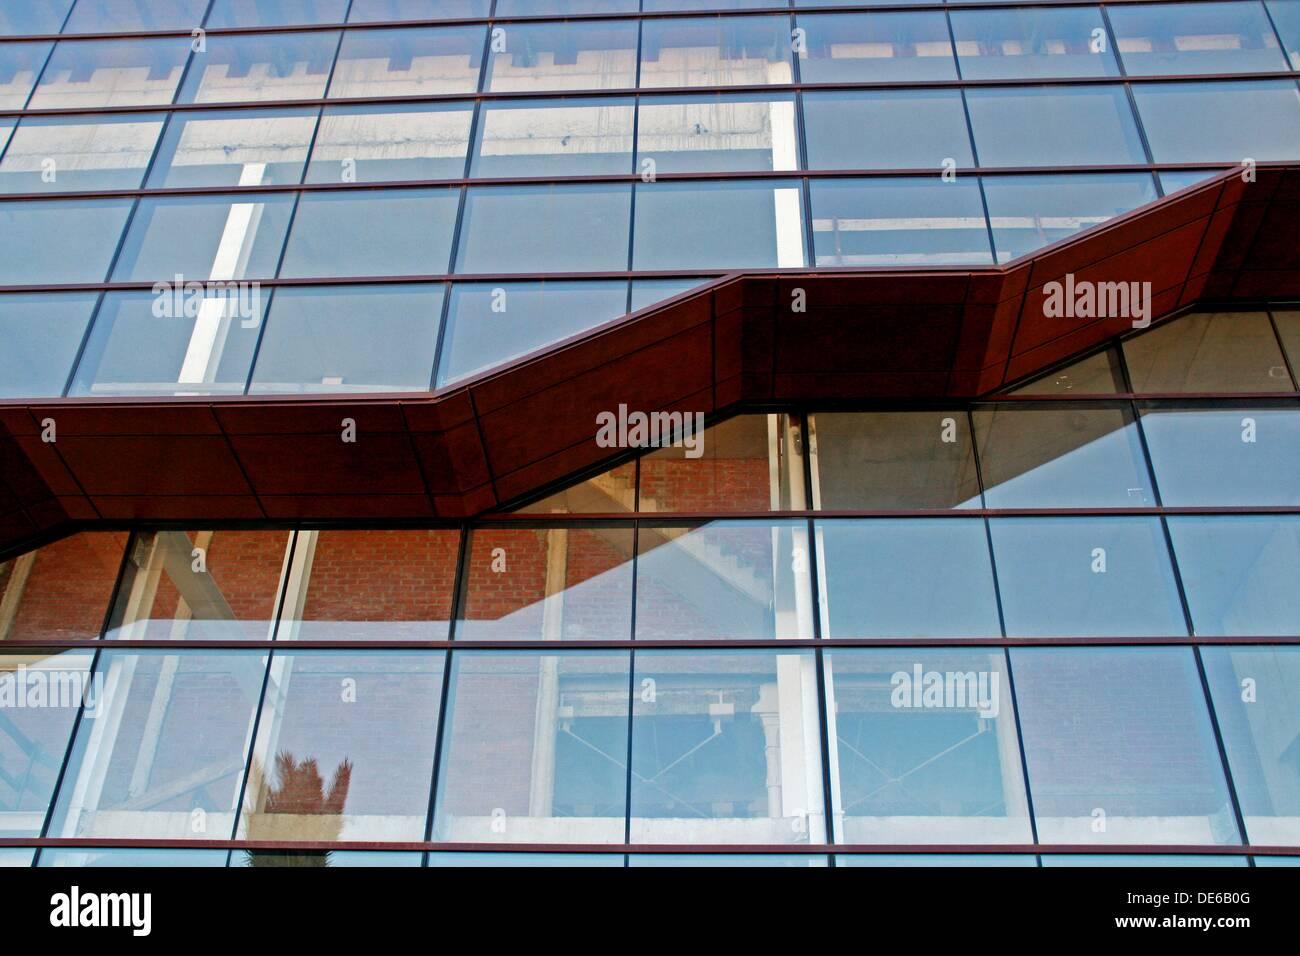 glass, Can Bertran, Sant Feliu de Llobregat, Catalonia, Spain. - Stock Image